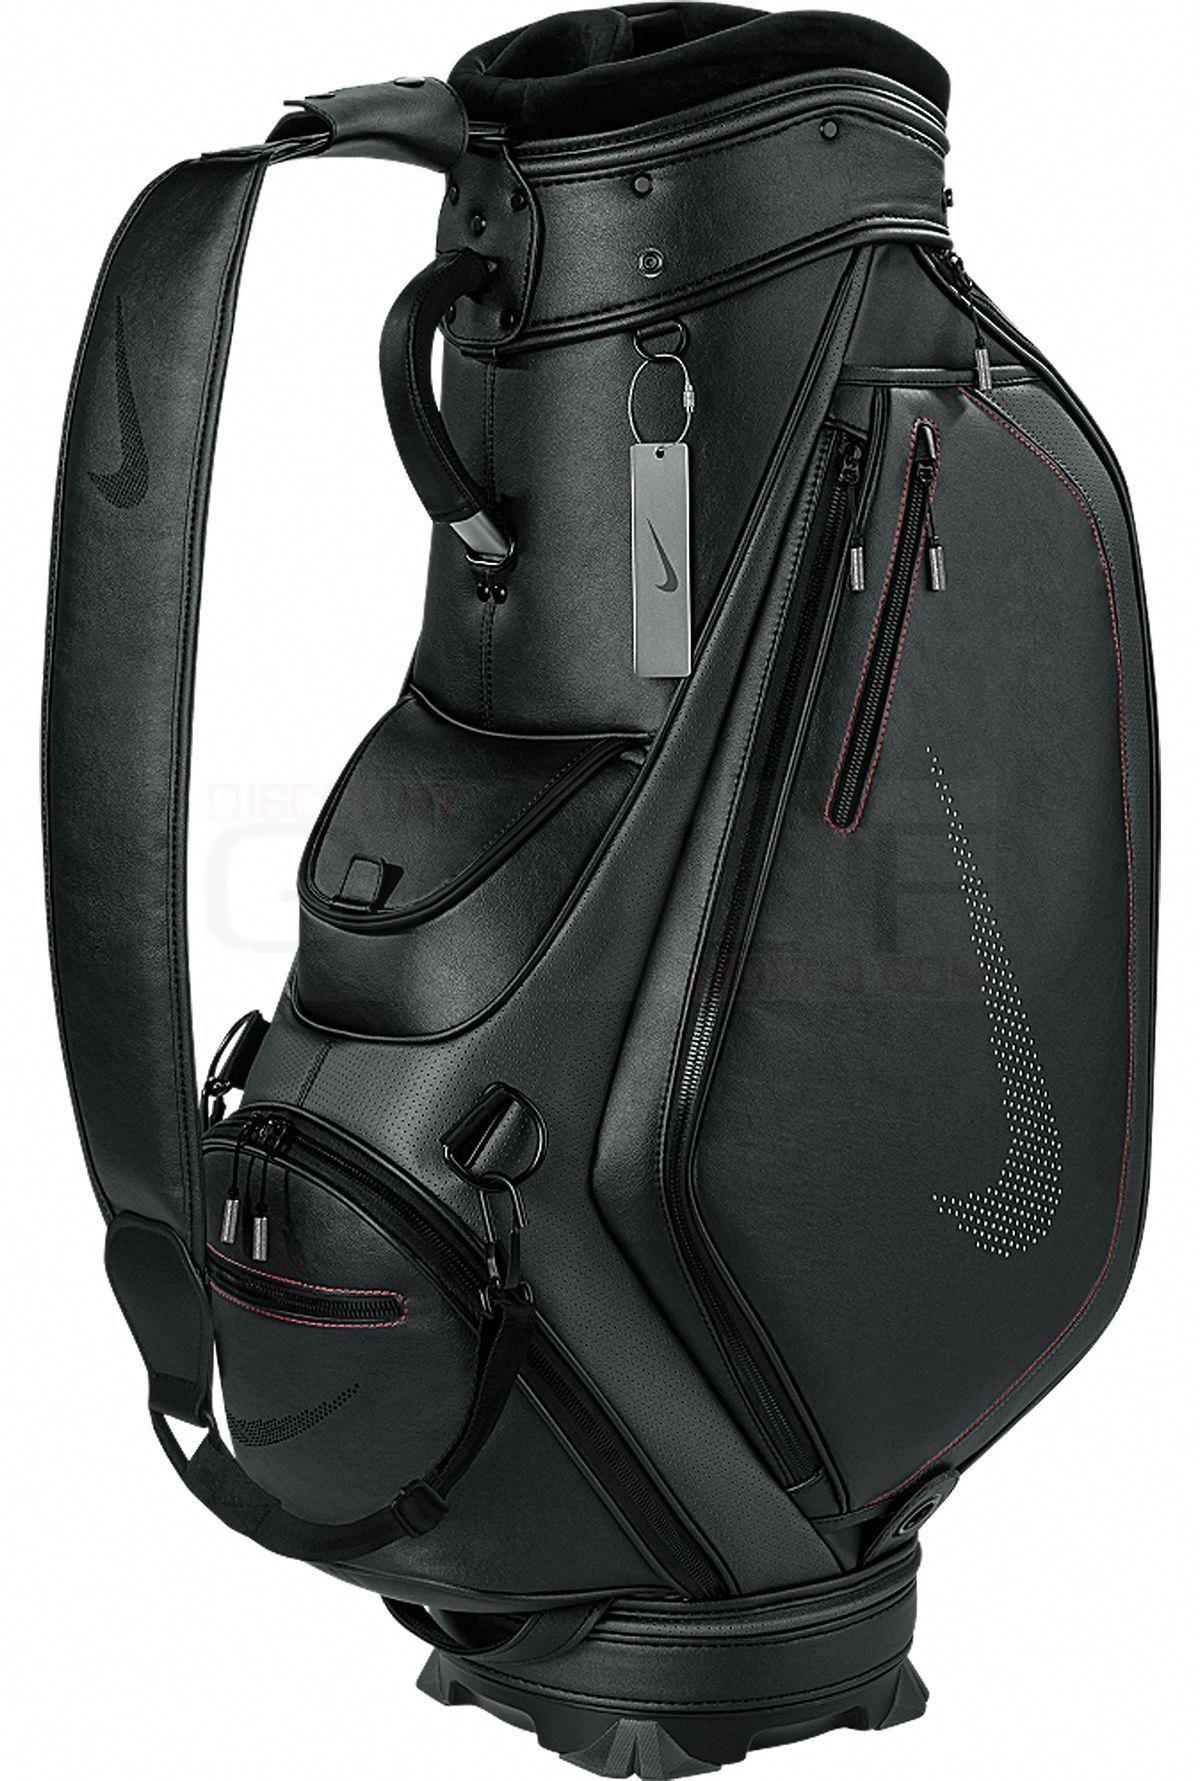 81f664307d Nike Platinum Modern Cart Bag BG0394 Lightweight